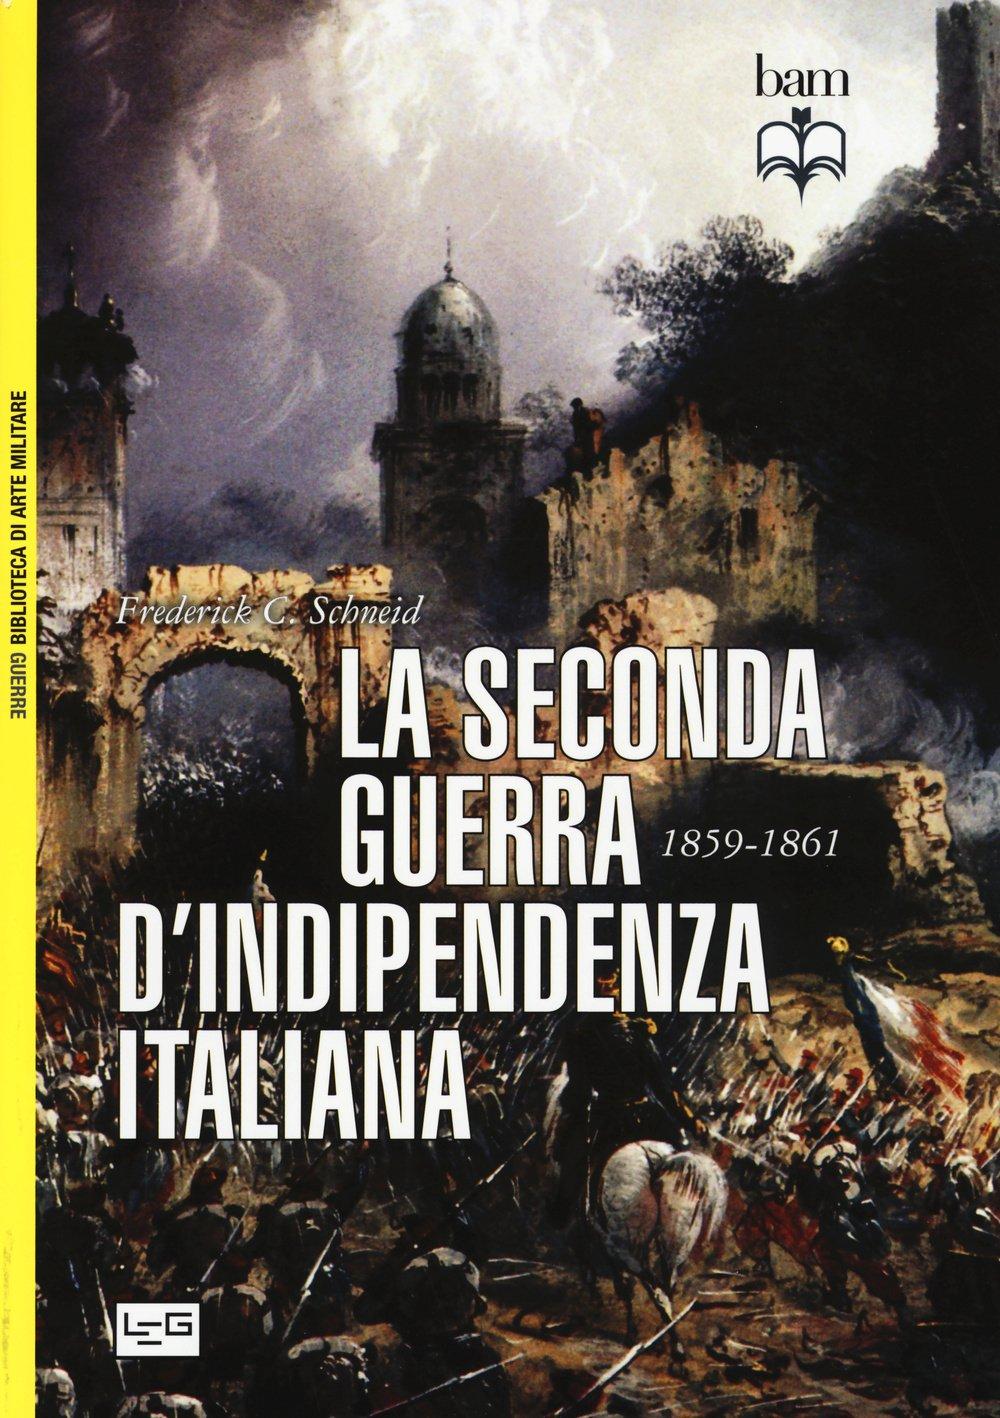 La seconda guerra di indipendenza italiana, 1859-1861